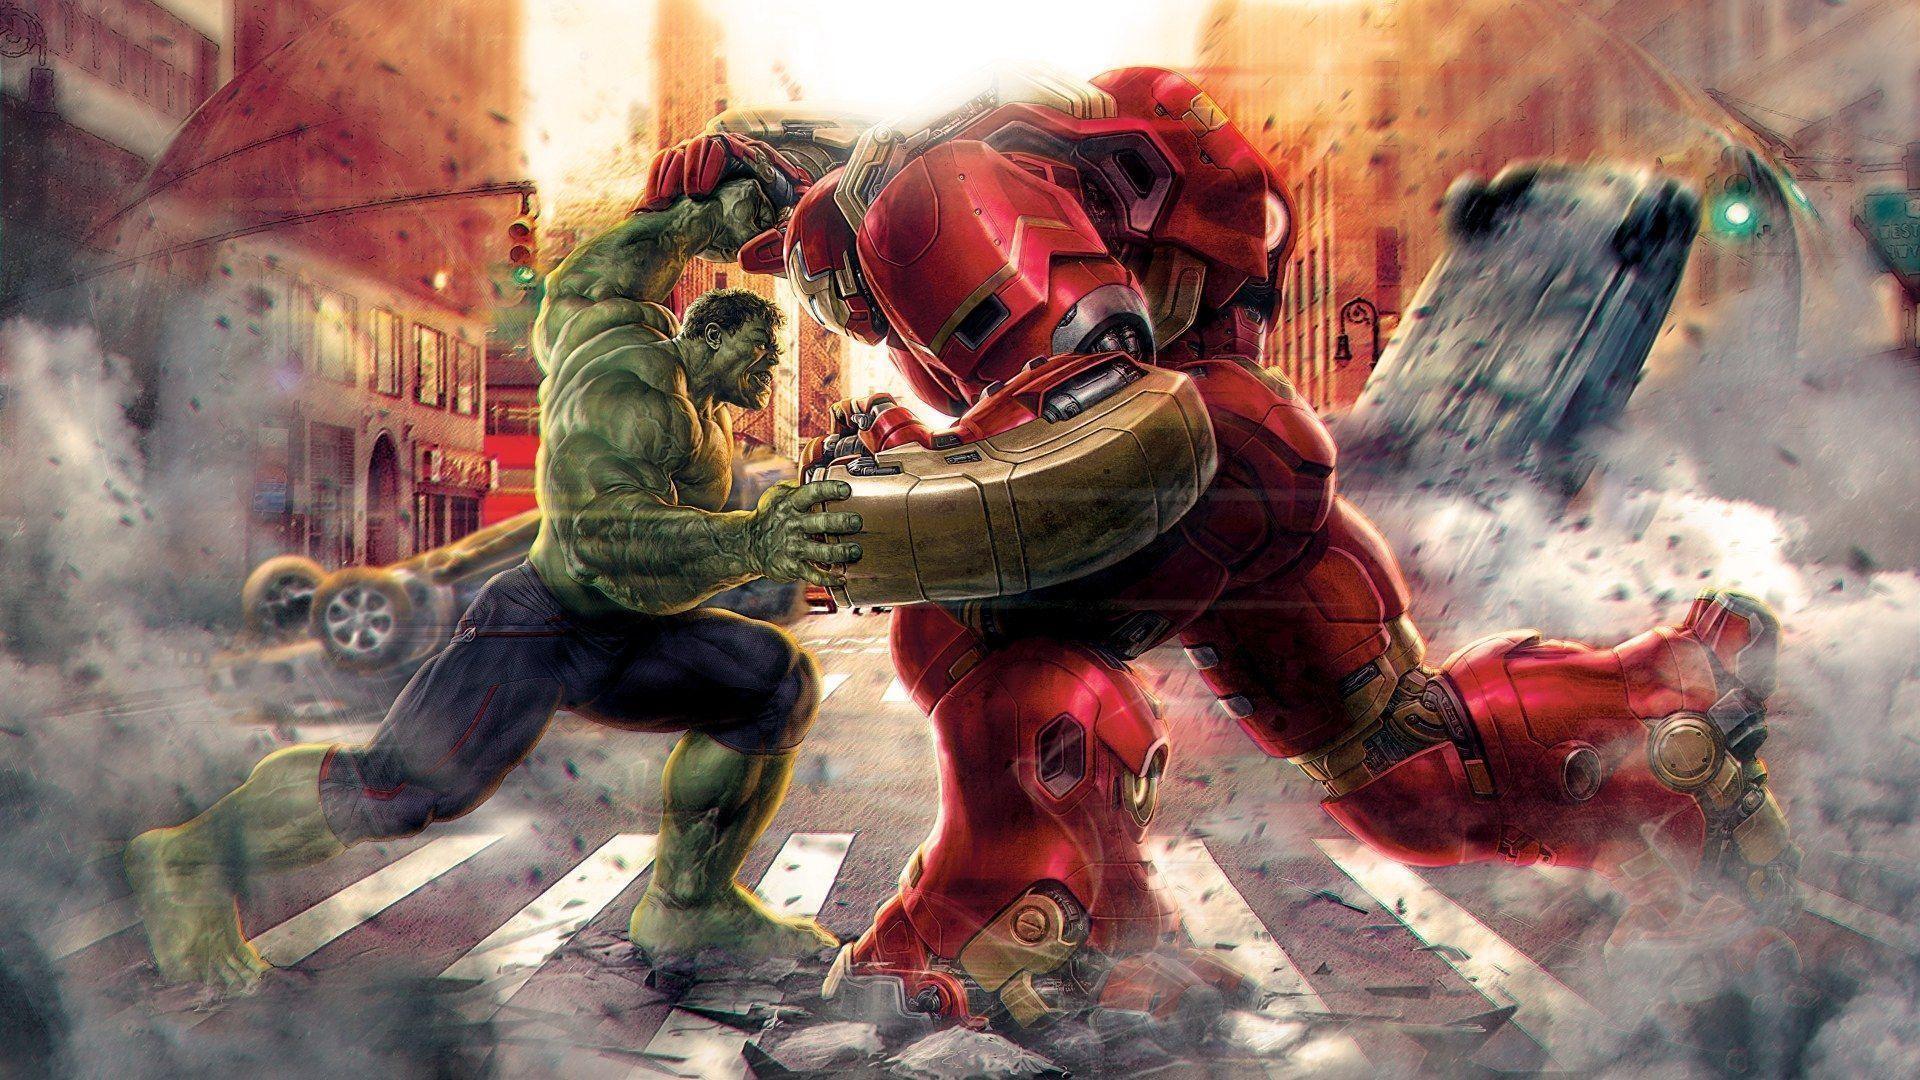 Hulk-vs-Hulkbuster-Avengers-Age-of-Ultron-Wallpaper-